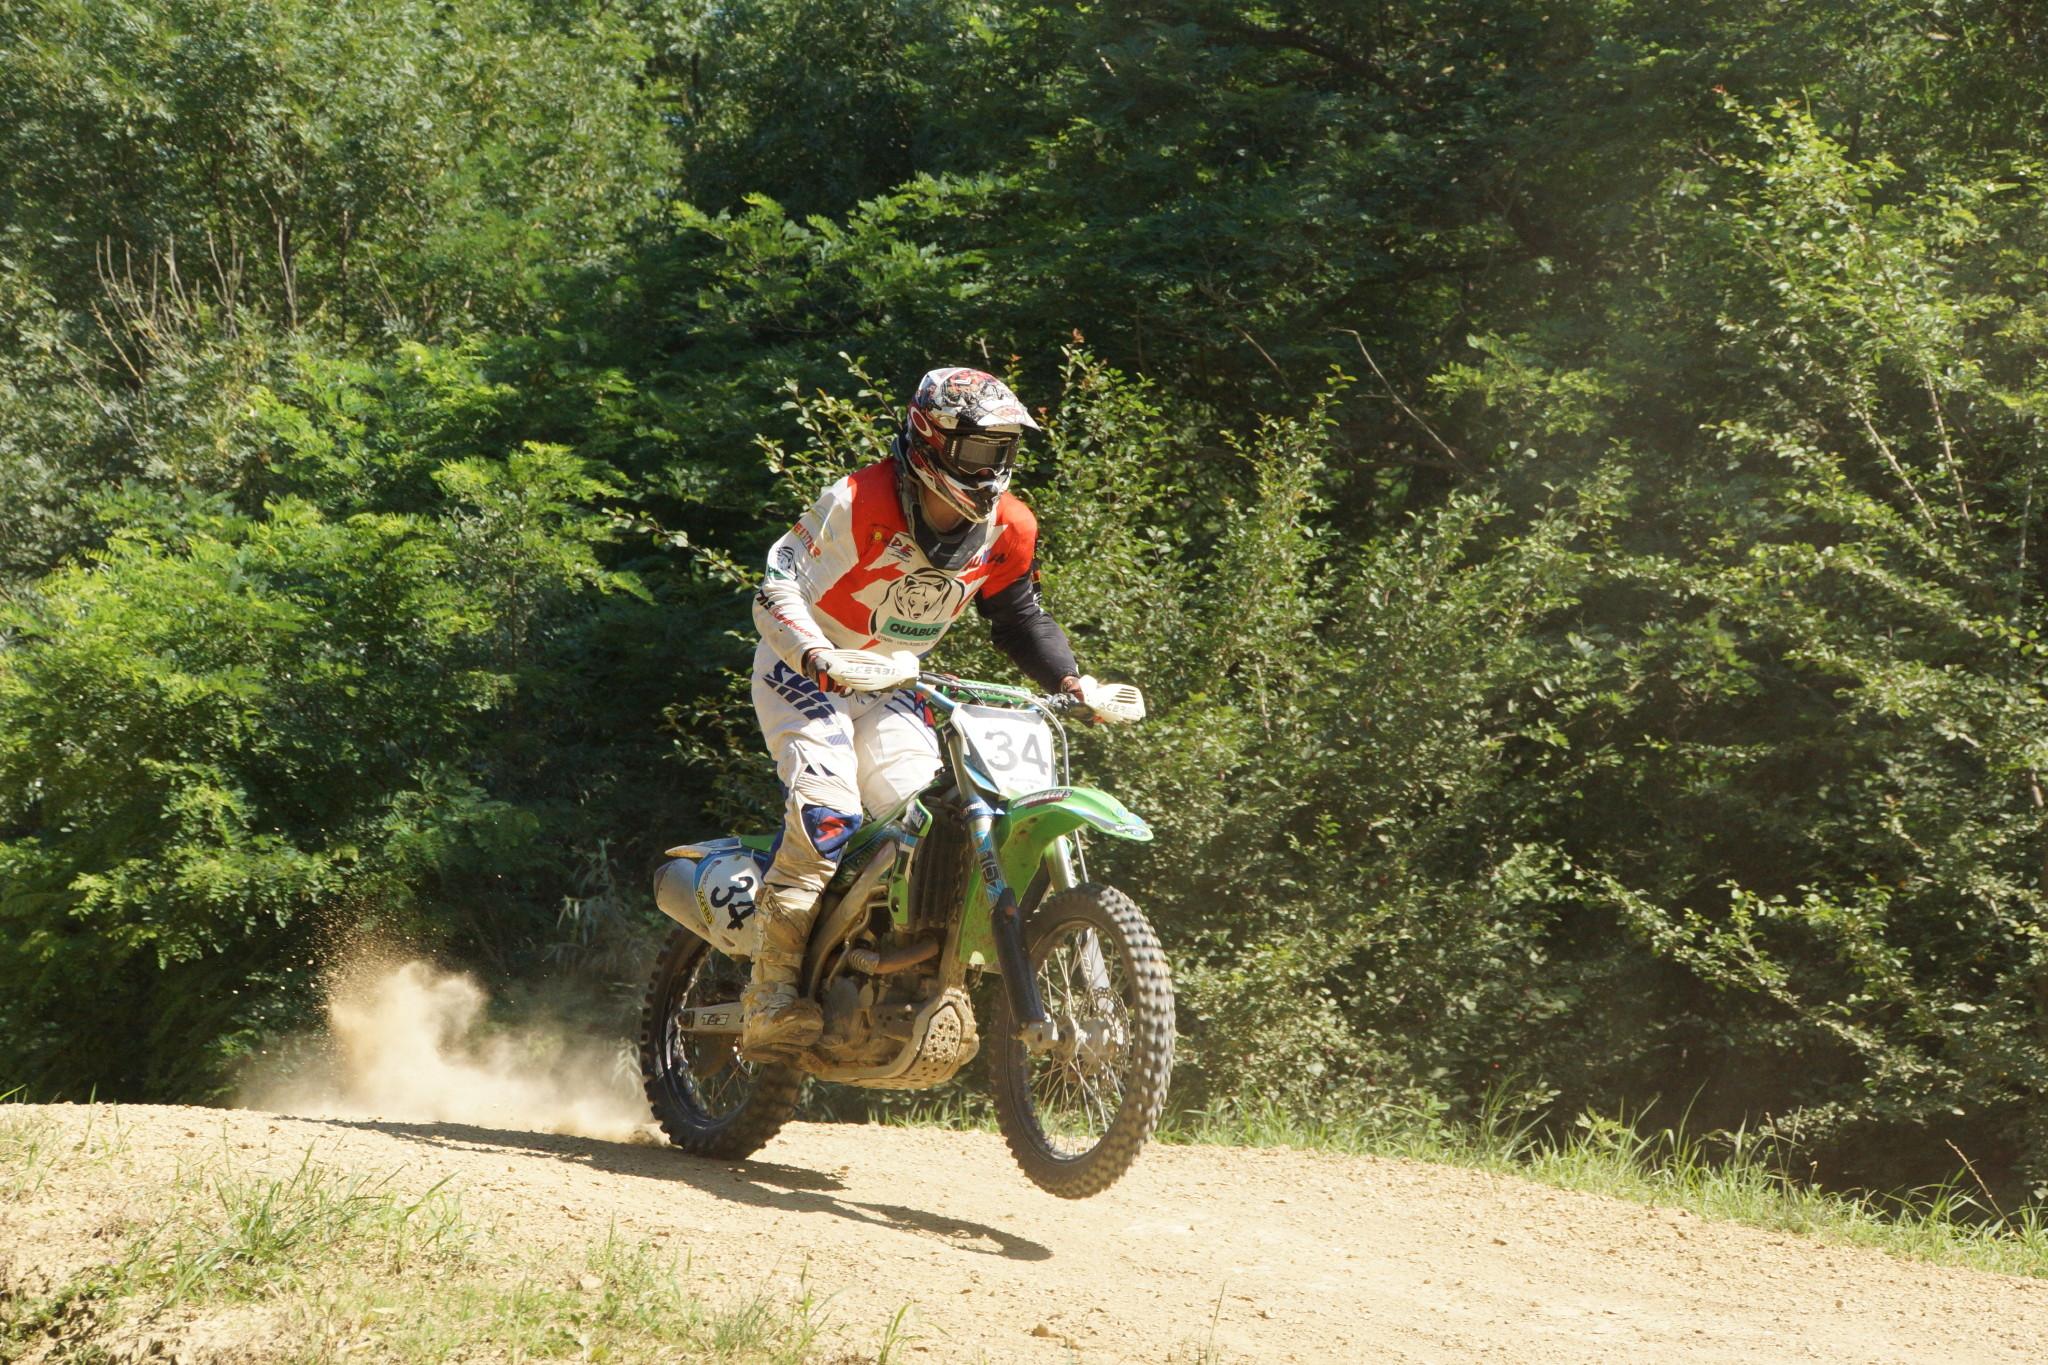 Enduro Und Motocrossverein Homepage Msc Kefermarkt